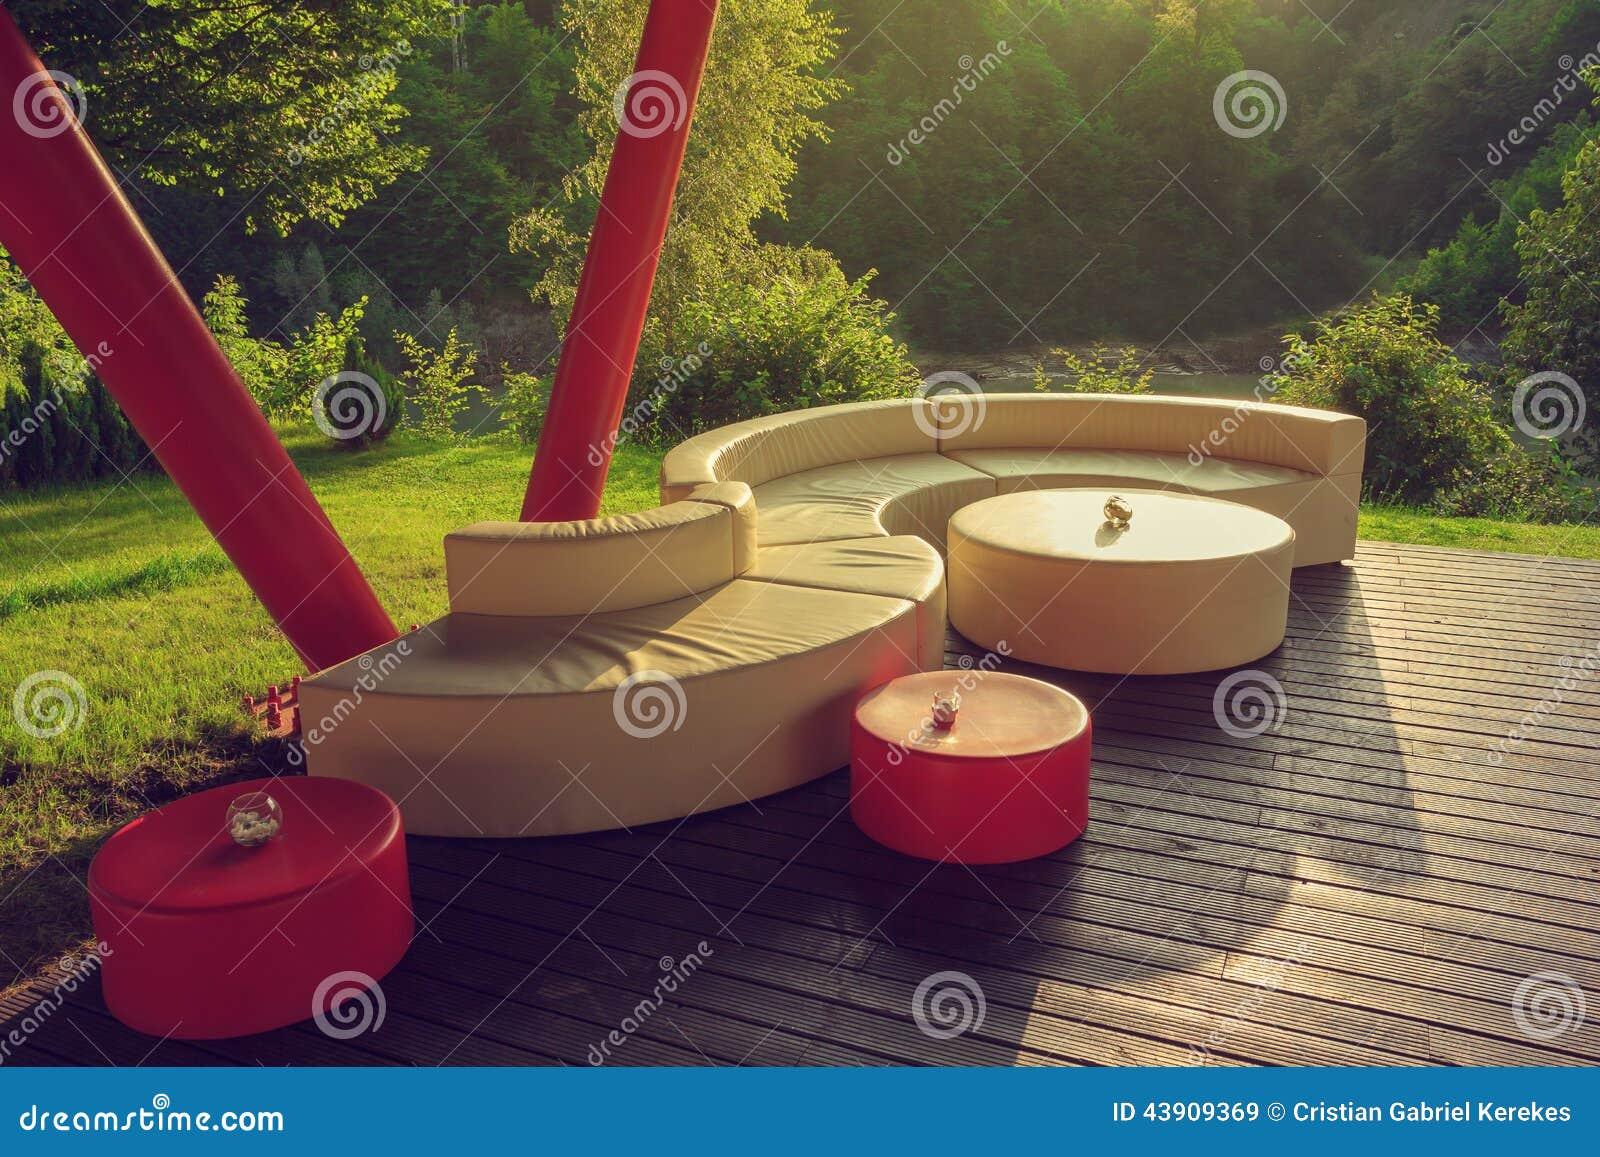 divan ext rieur sur le plancher en bois photo stock. Black Bedroom Furniture Sets. Home Design Ideas